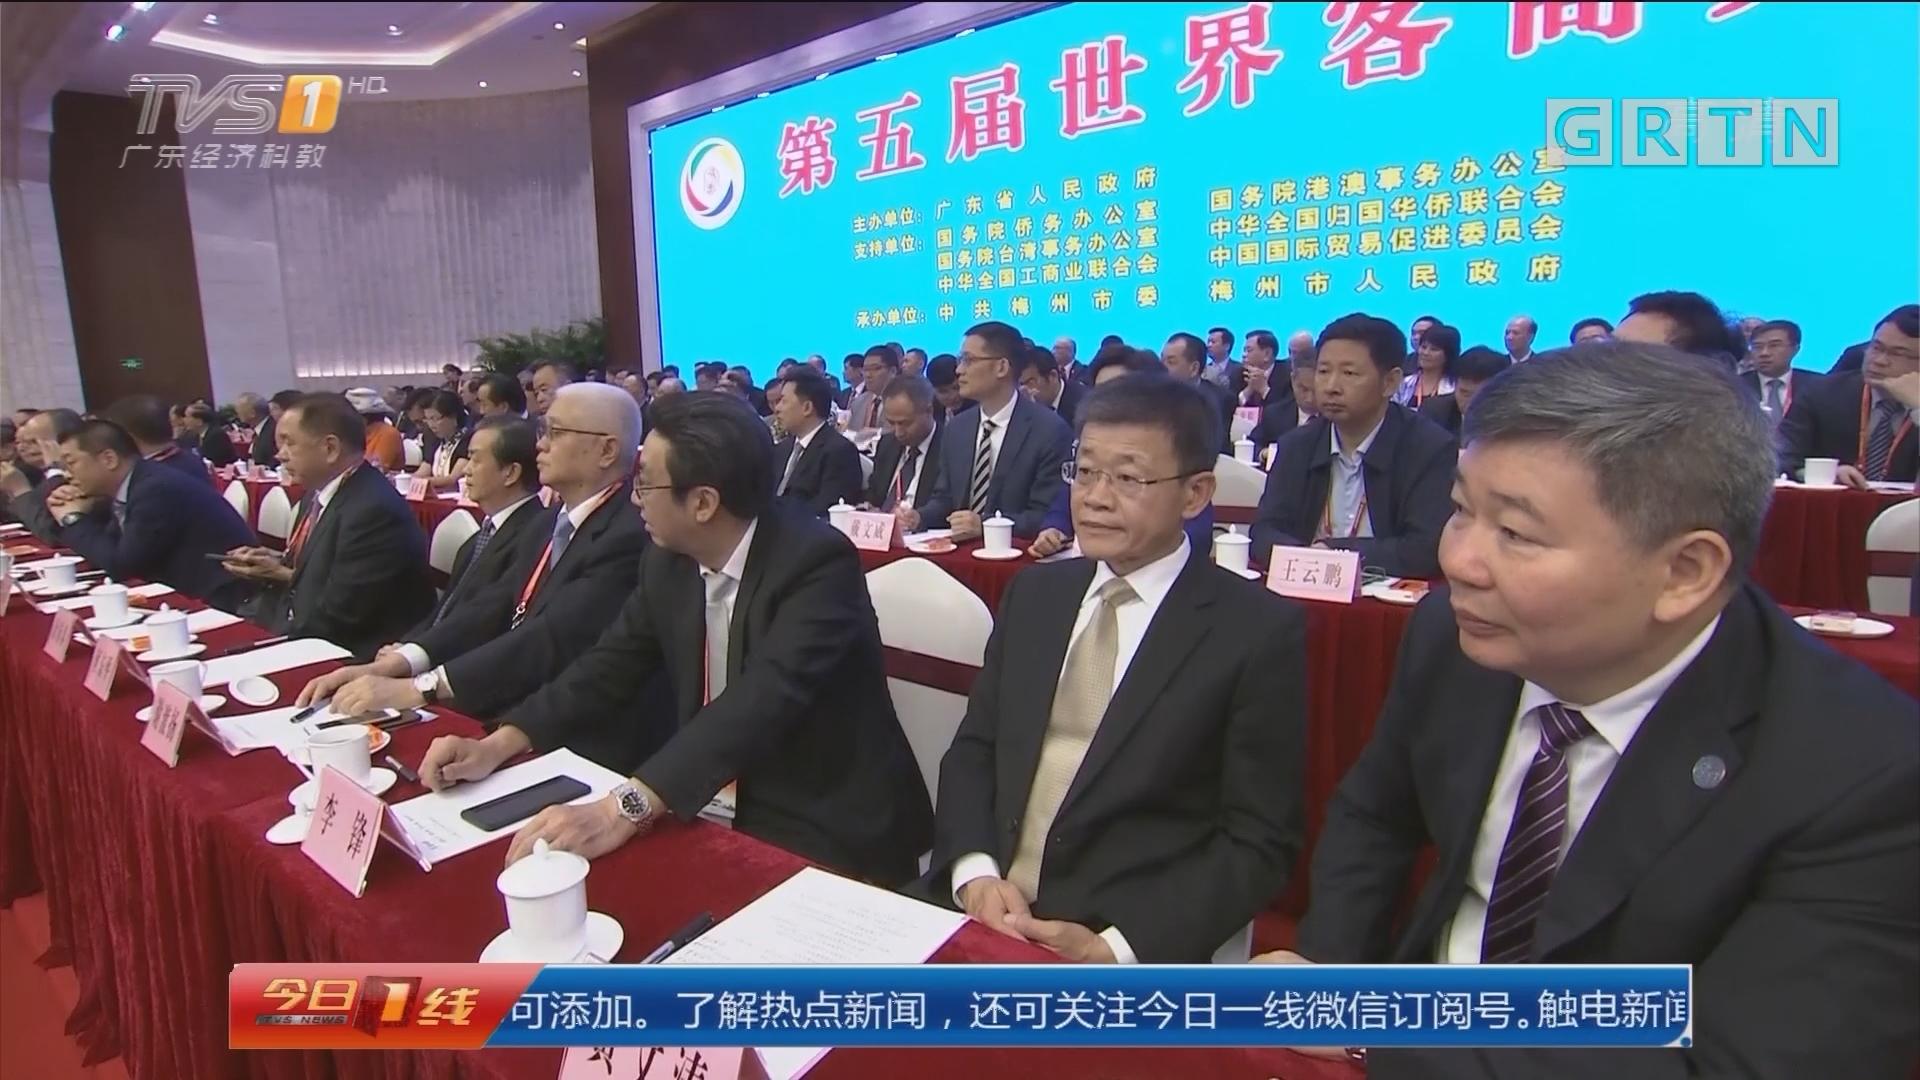 宣传贯彻落实党的十九大精神:第五届世界客商大会在梅州开幕